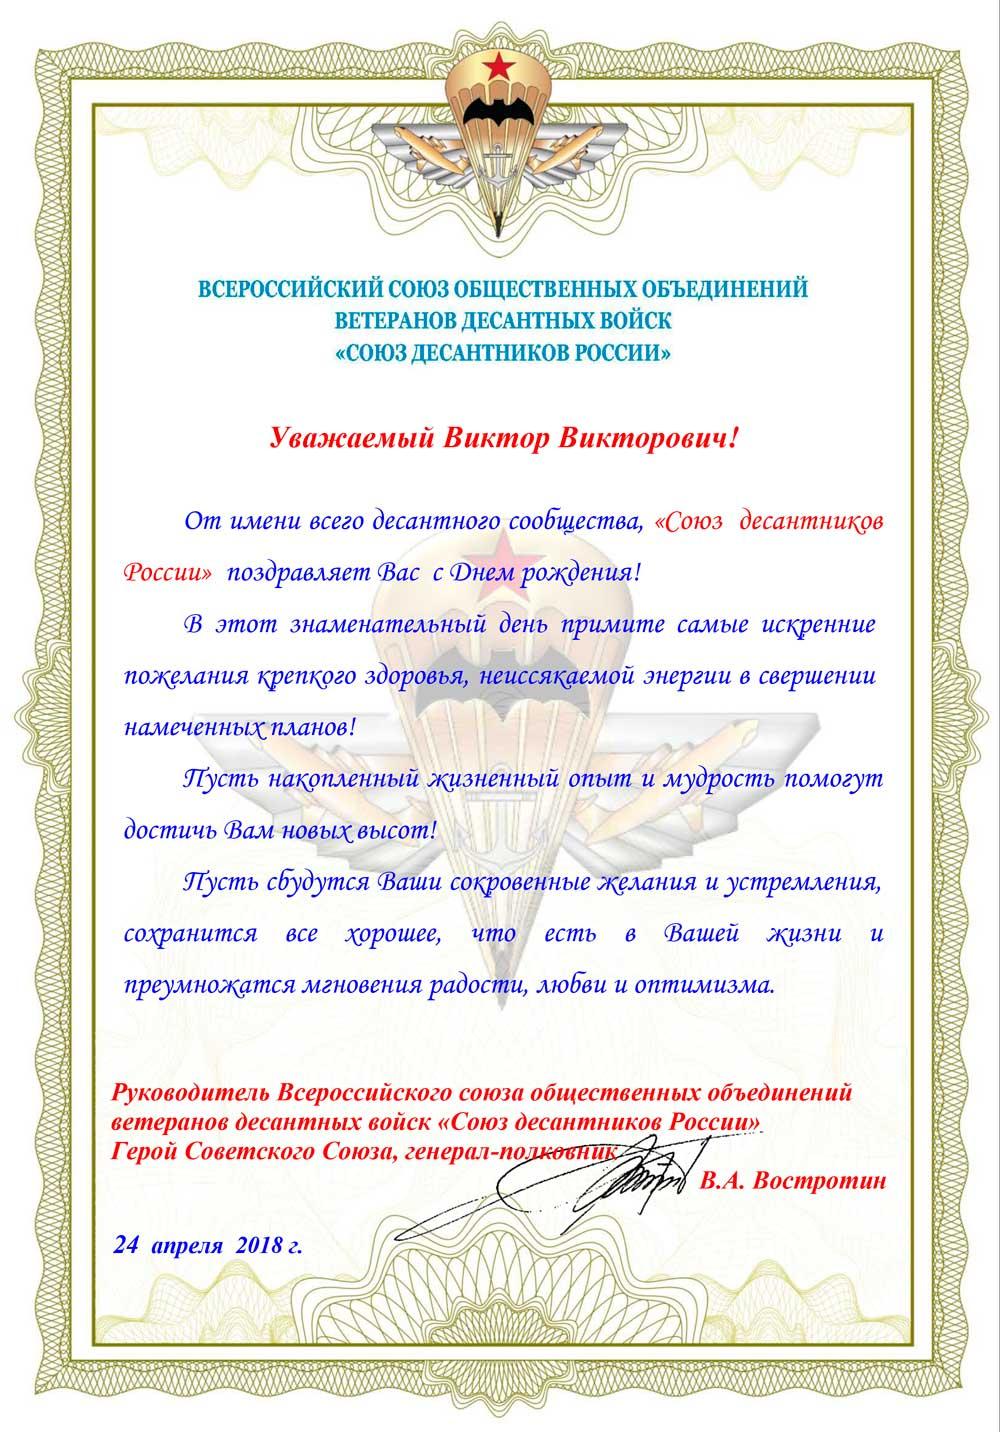 ПОЗДРАВЛЯЕМ С ДНЕМ РОЖДЕНИЯ ЧЛЕНА ЦЕНТРАЛЬНОГО СОВЕТА «СОЮЗА ДЕСАНТНИКОВ РОССИИ» ВДОВКИНА ВИКТОРА ВИКТОРОВИЧА!